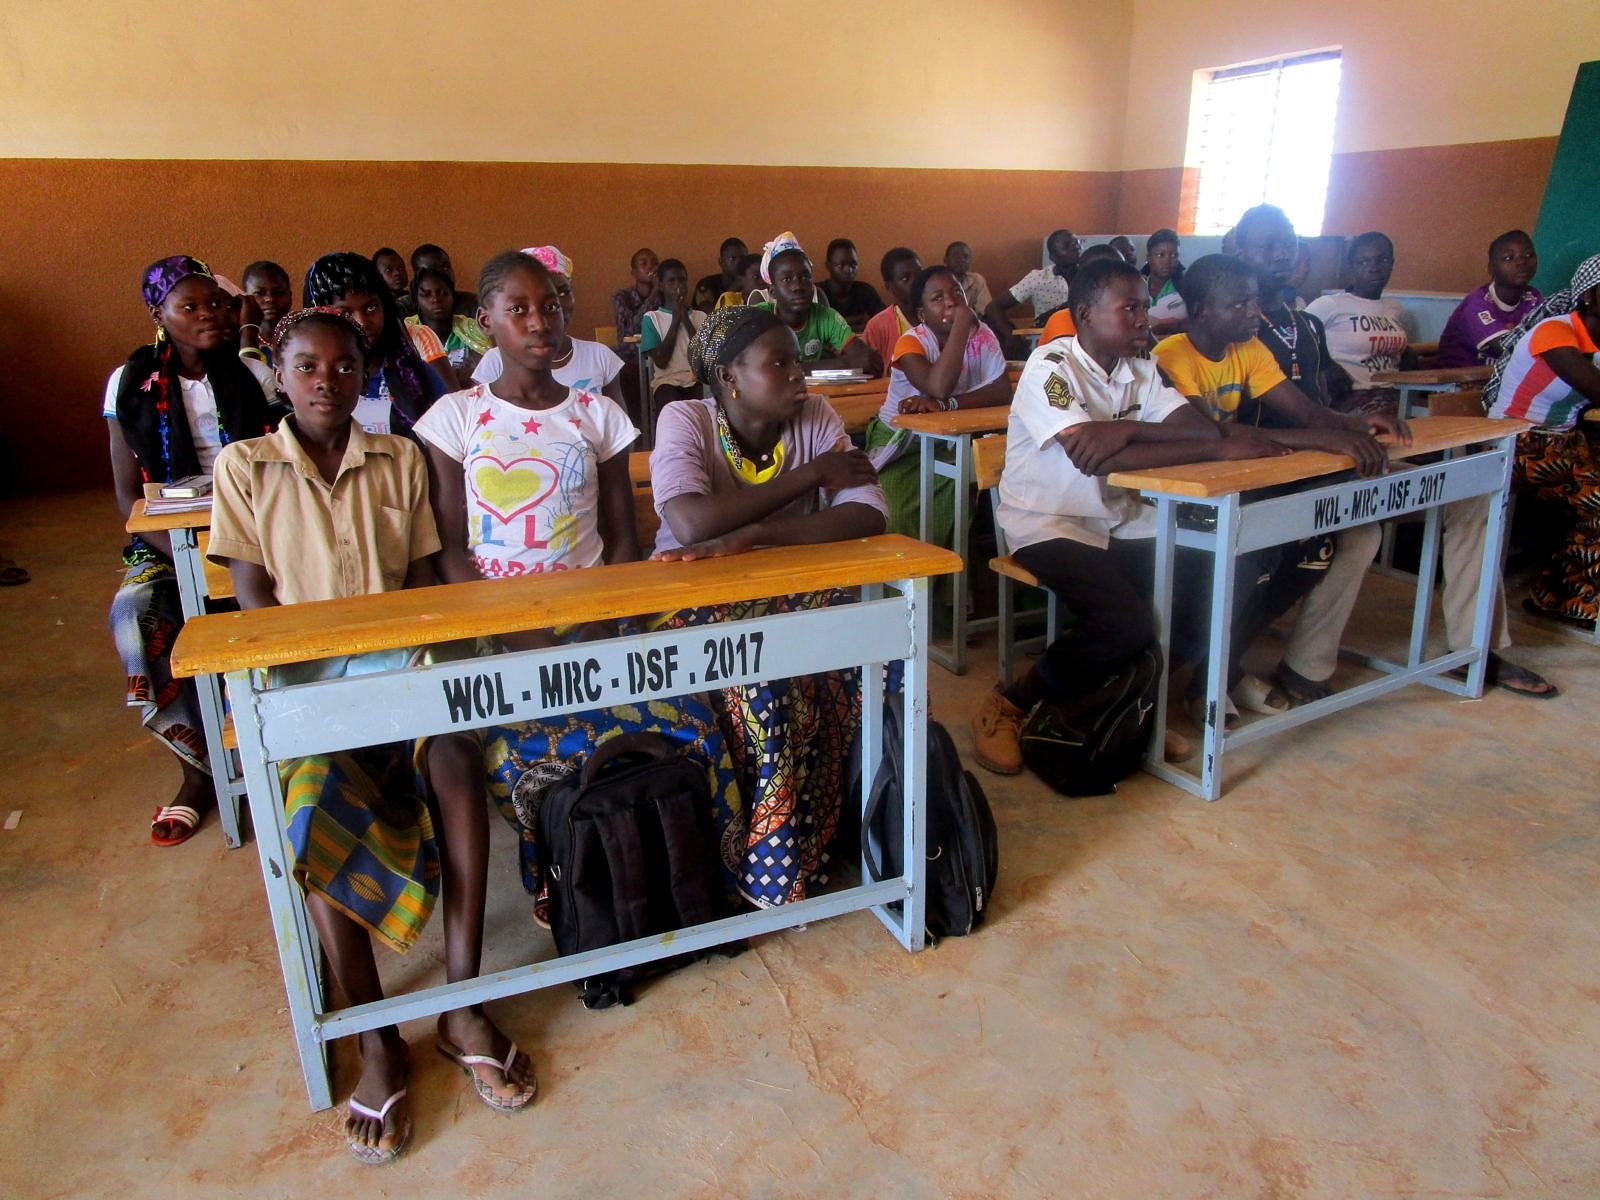 klaslokaal scholencomplex Zoodo